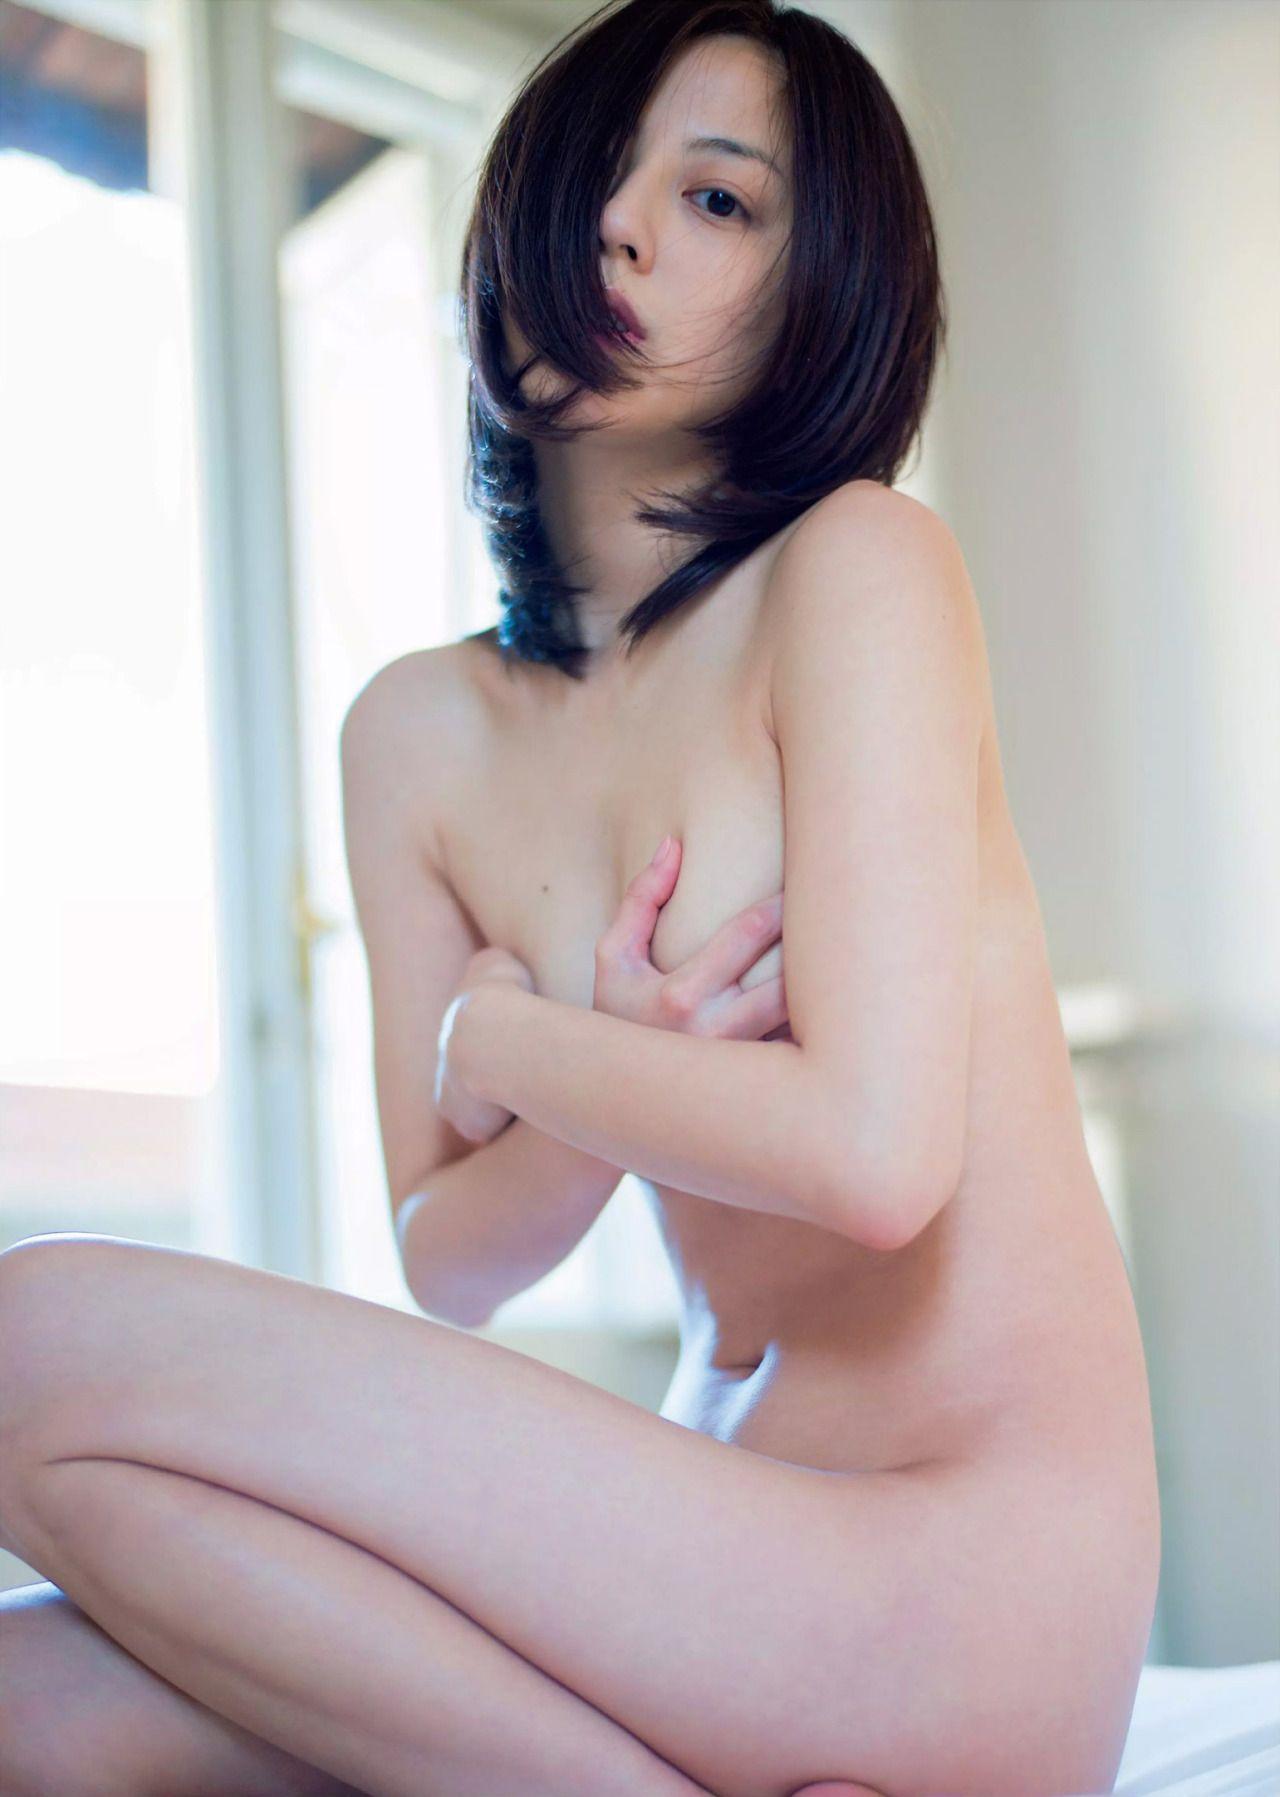 Xena kai selfie nude